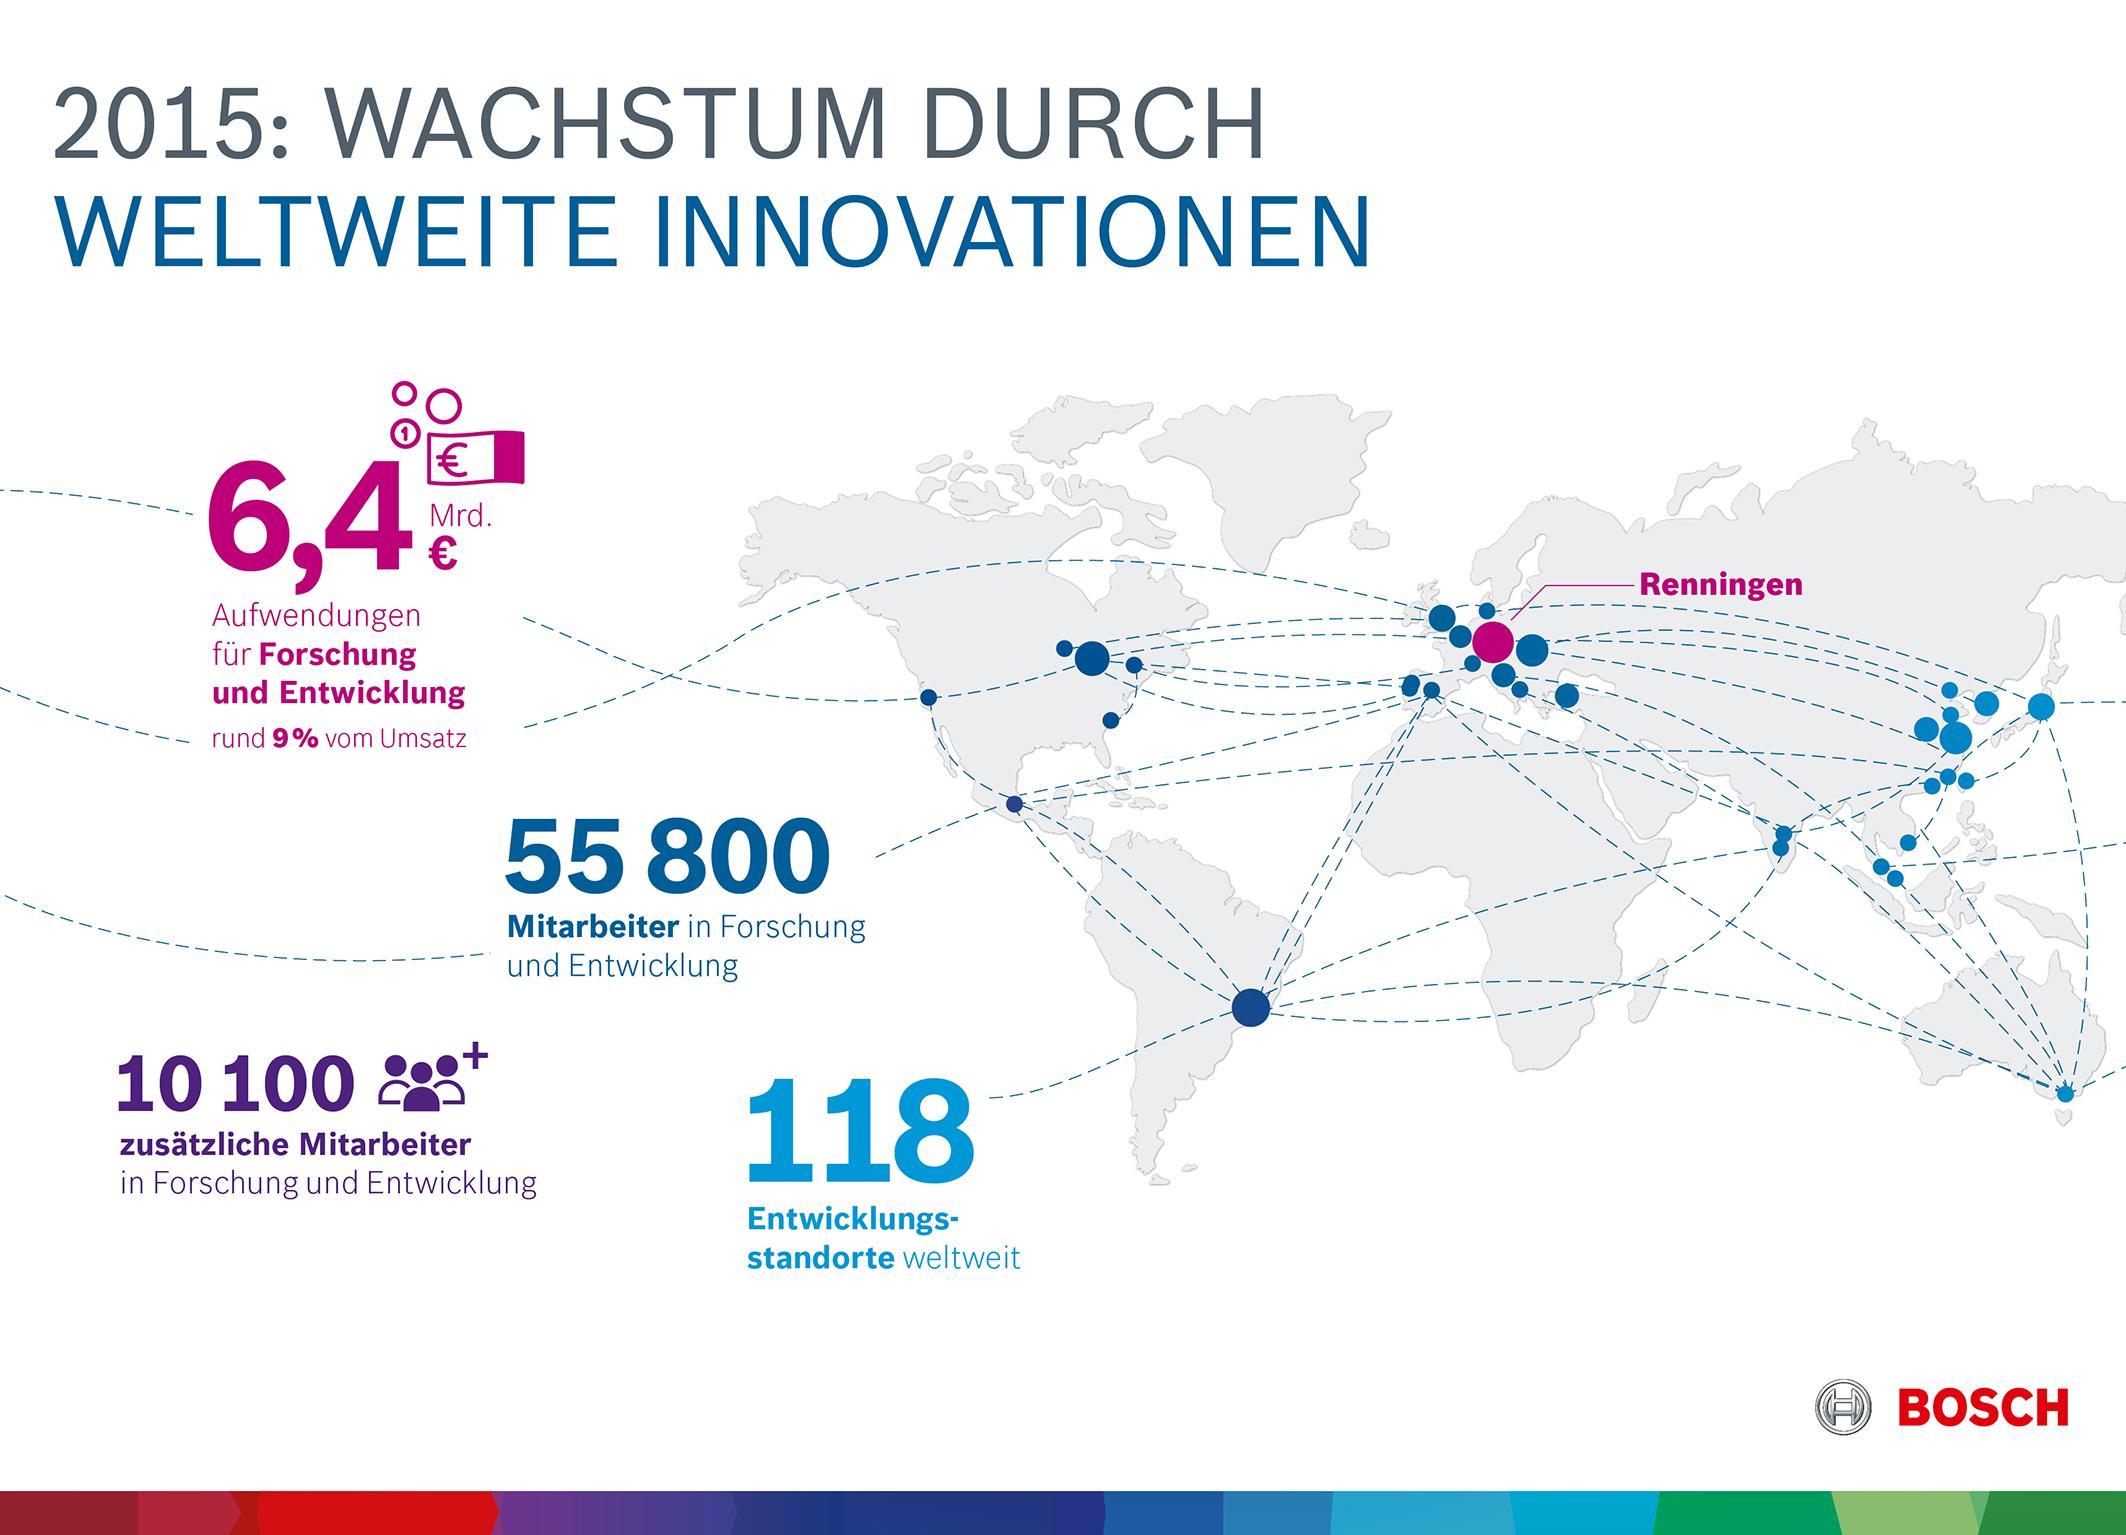 Geschäftsjahr 2015: Wachstum durch weltweite Innovationen